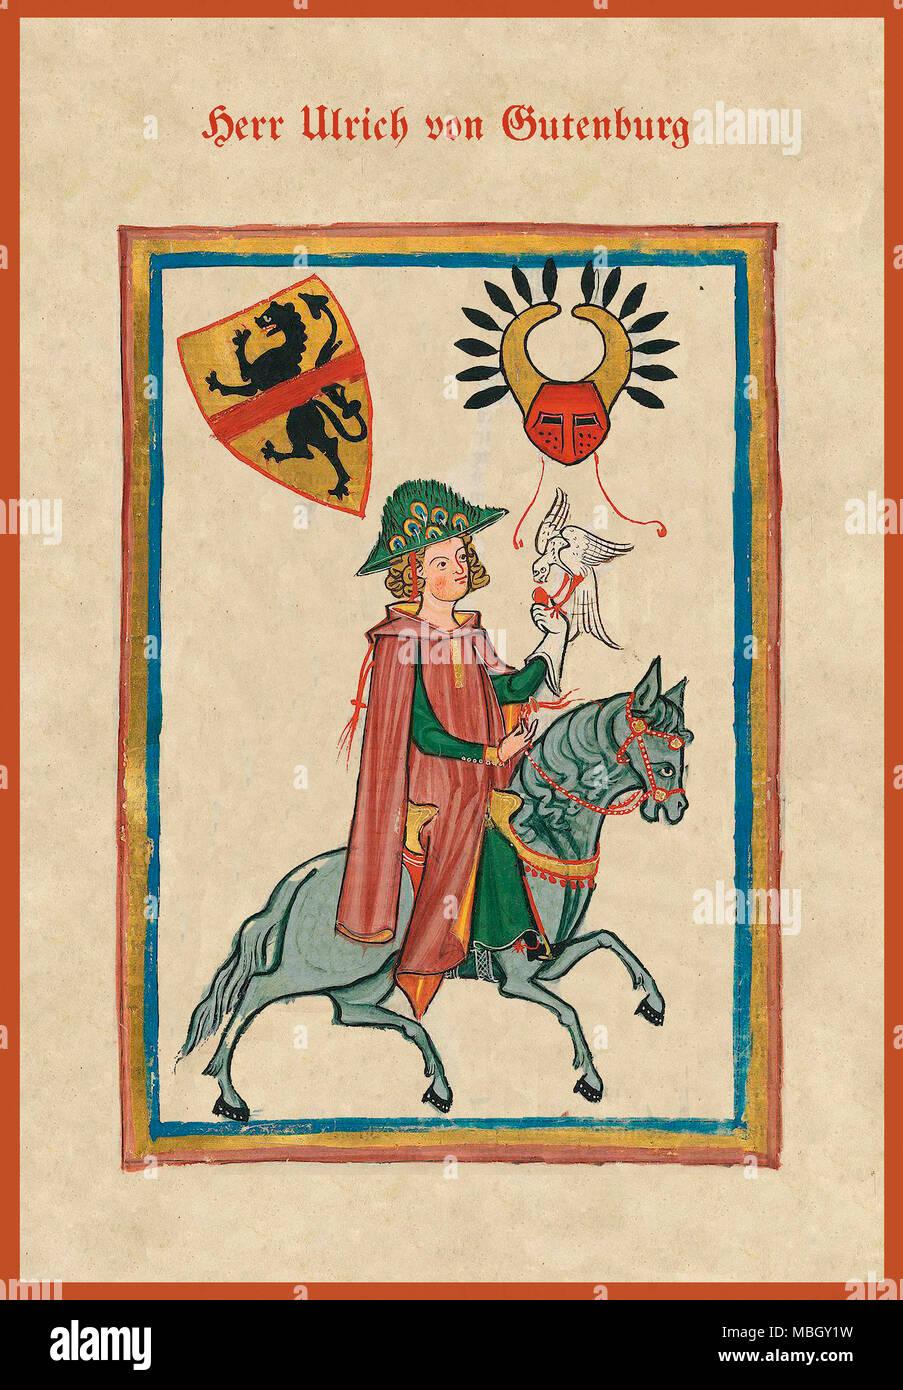 Herr Ulrich von Gutenburg - Stock Image